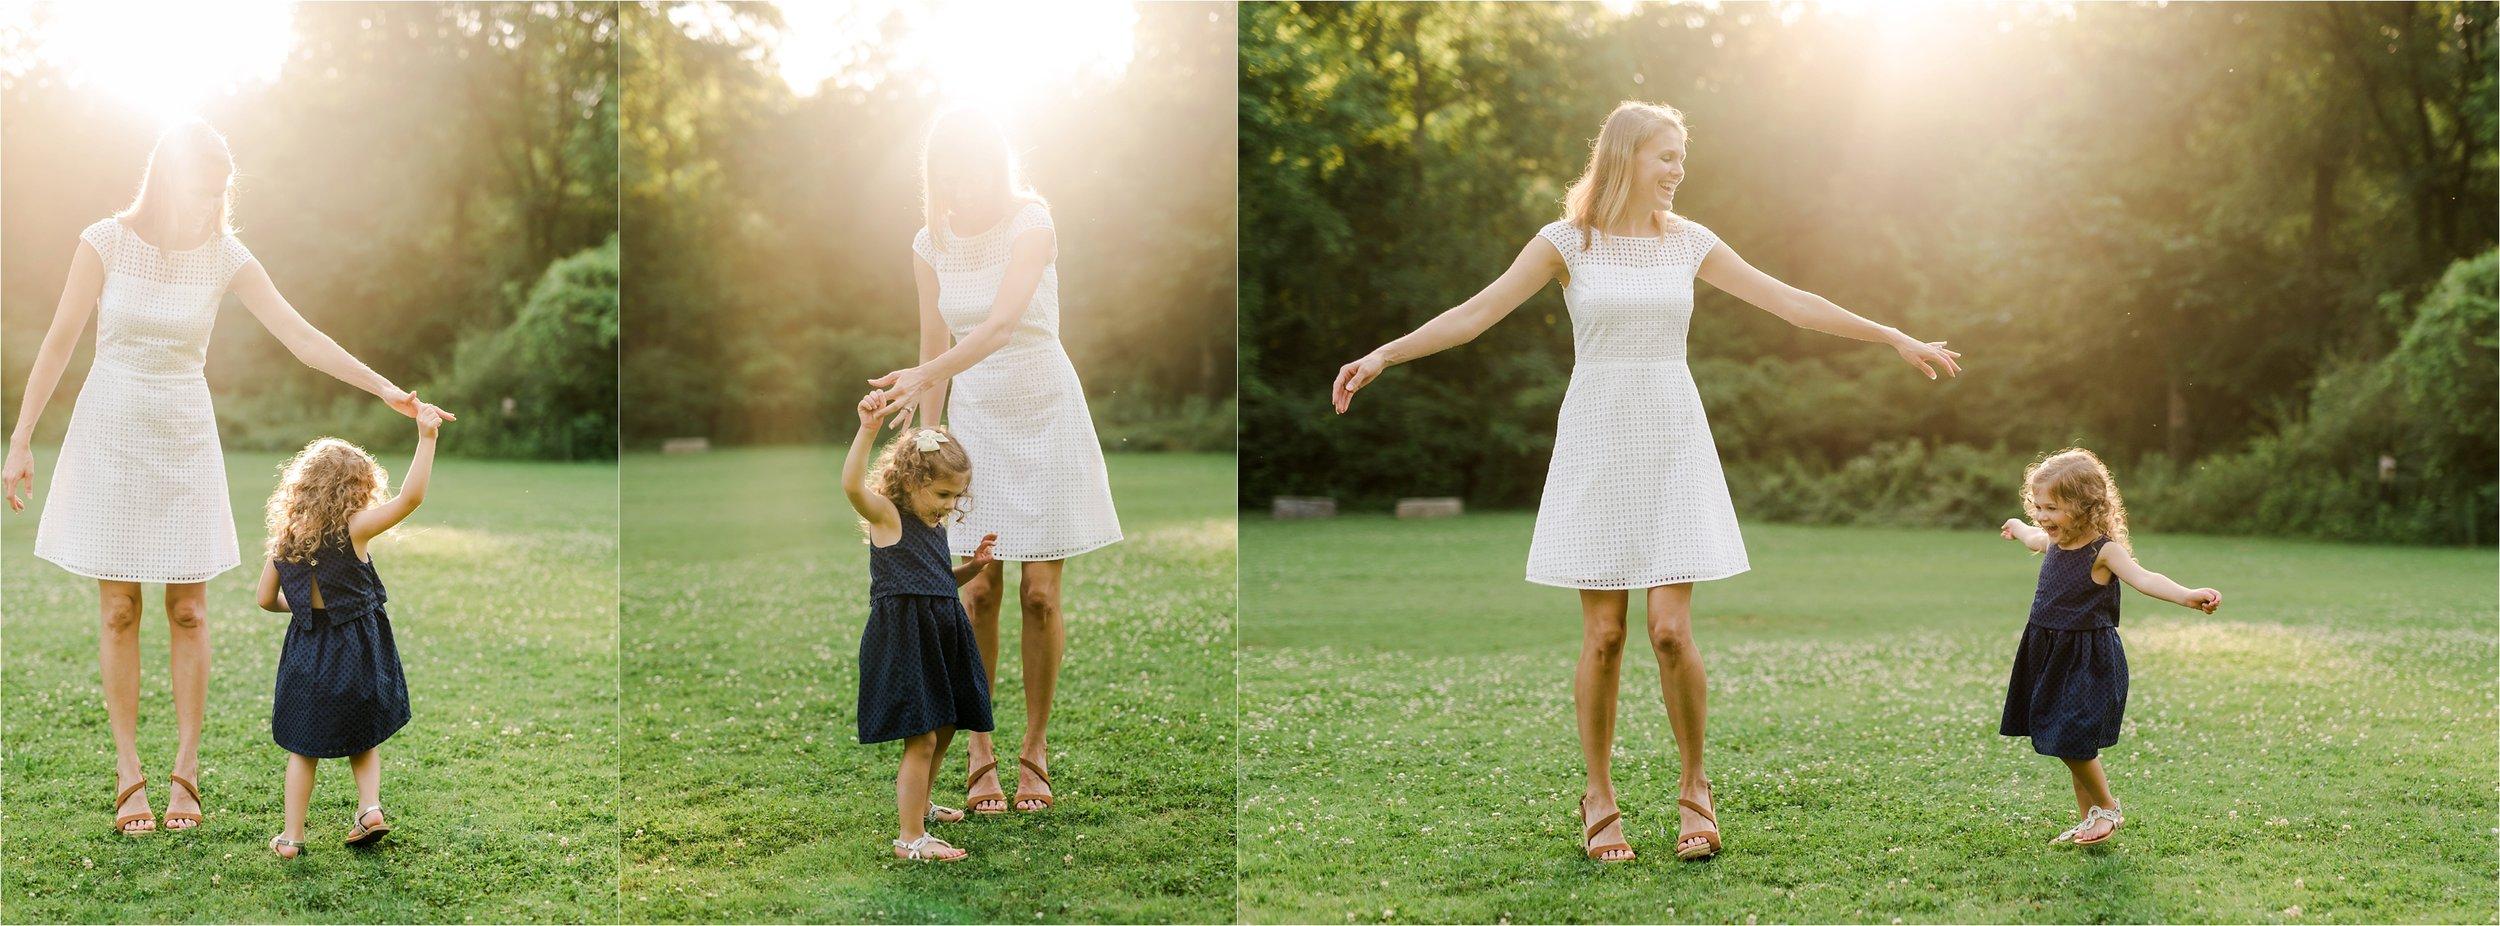 Rachel-Bond-Birmingham-AL-Family-Photographer_0016.jpg